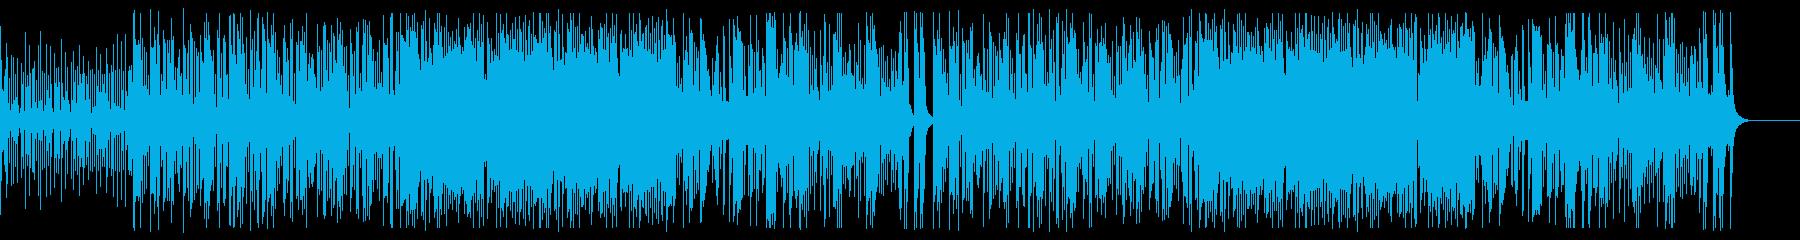 ☄☄☄✌✌✌コミカルなレゲエ・ファンクの再生済みの波形